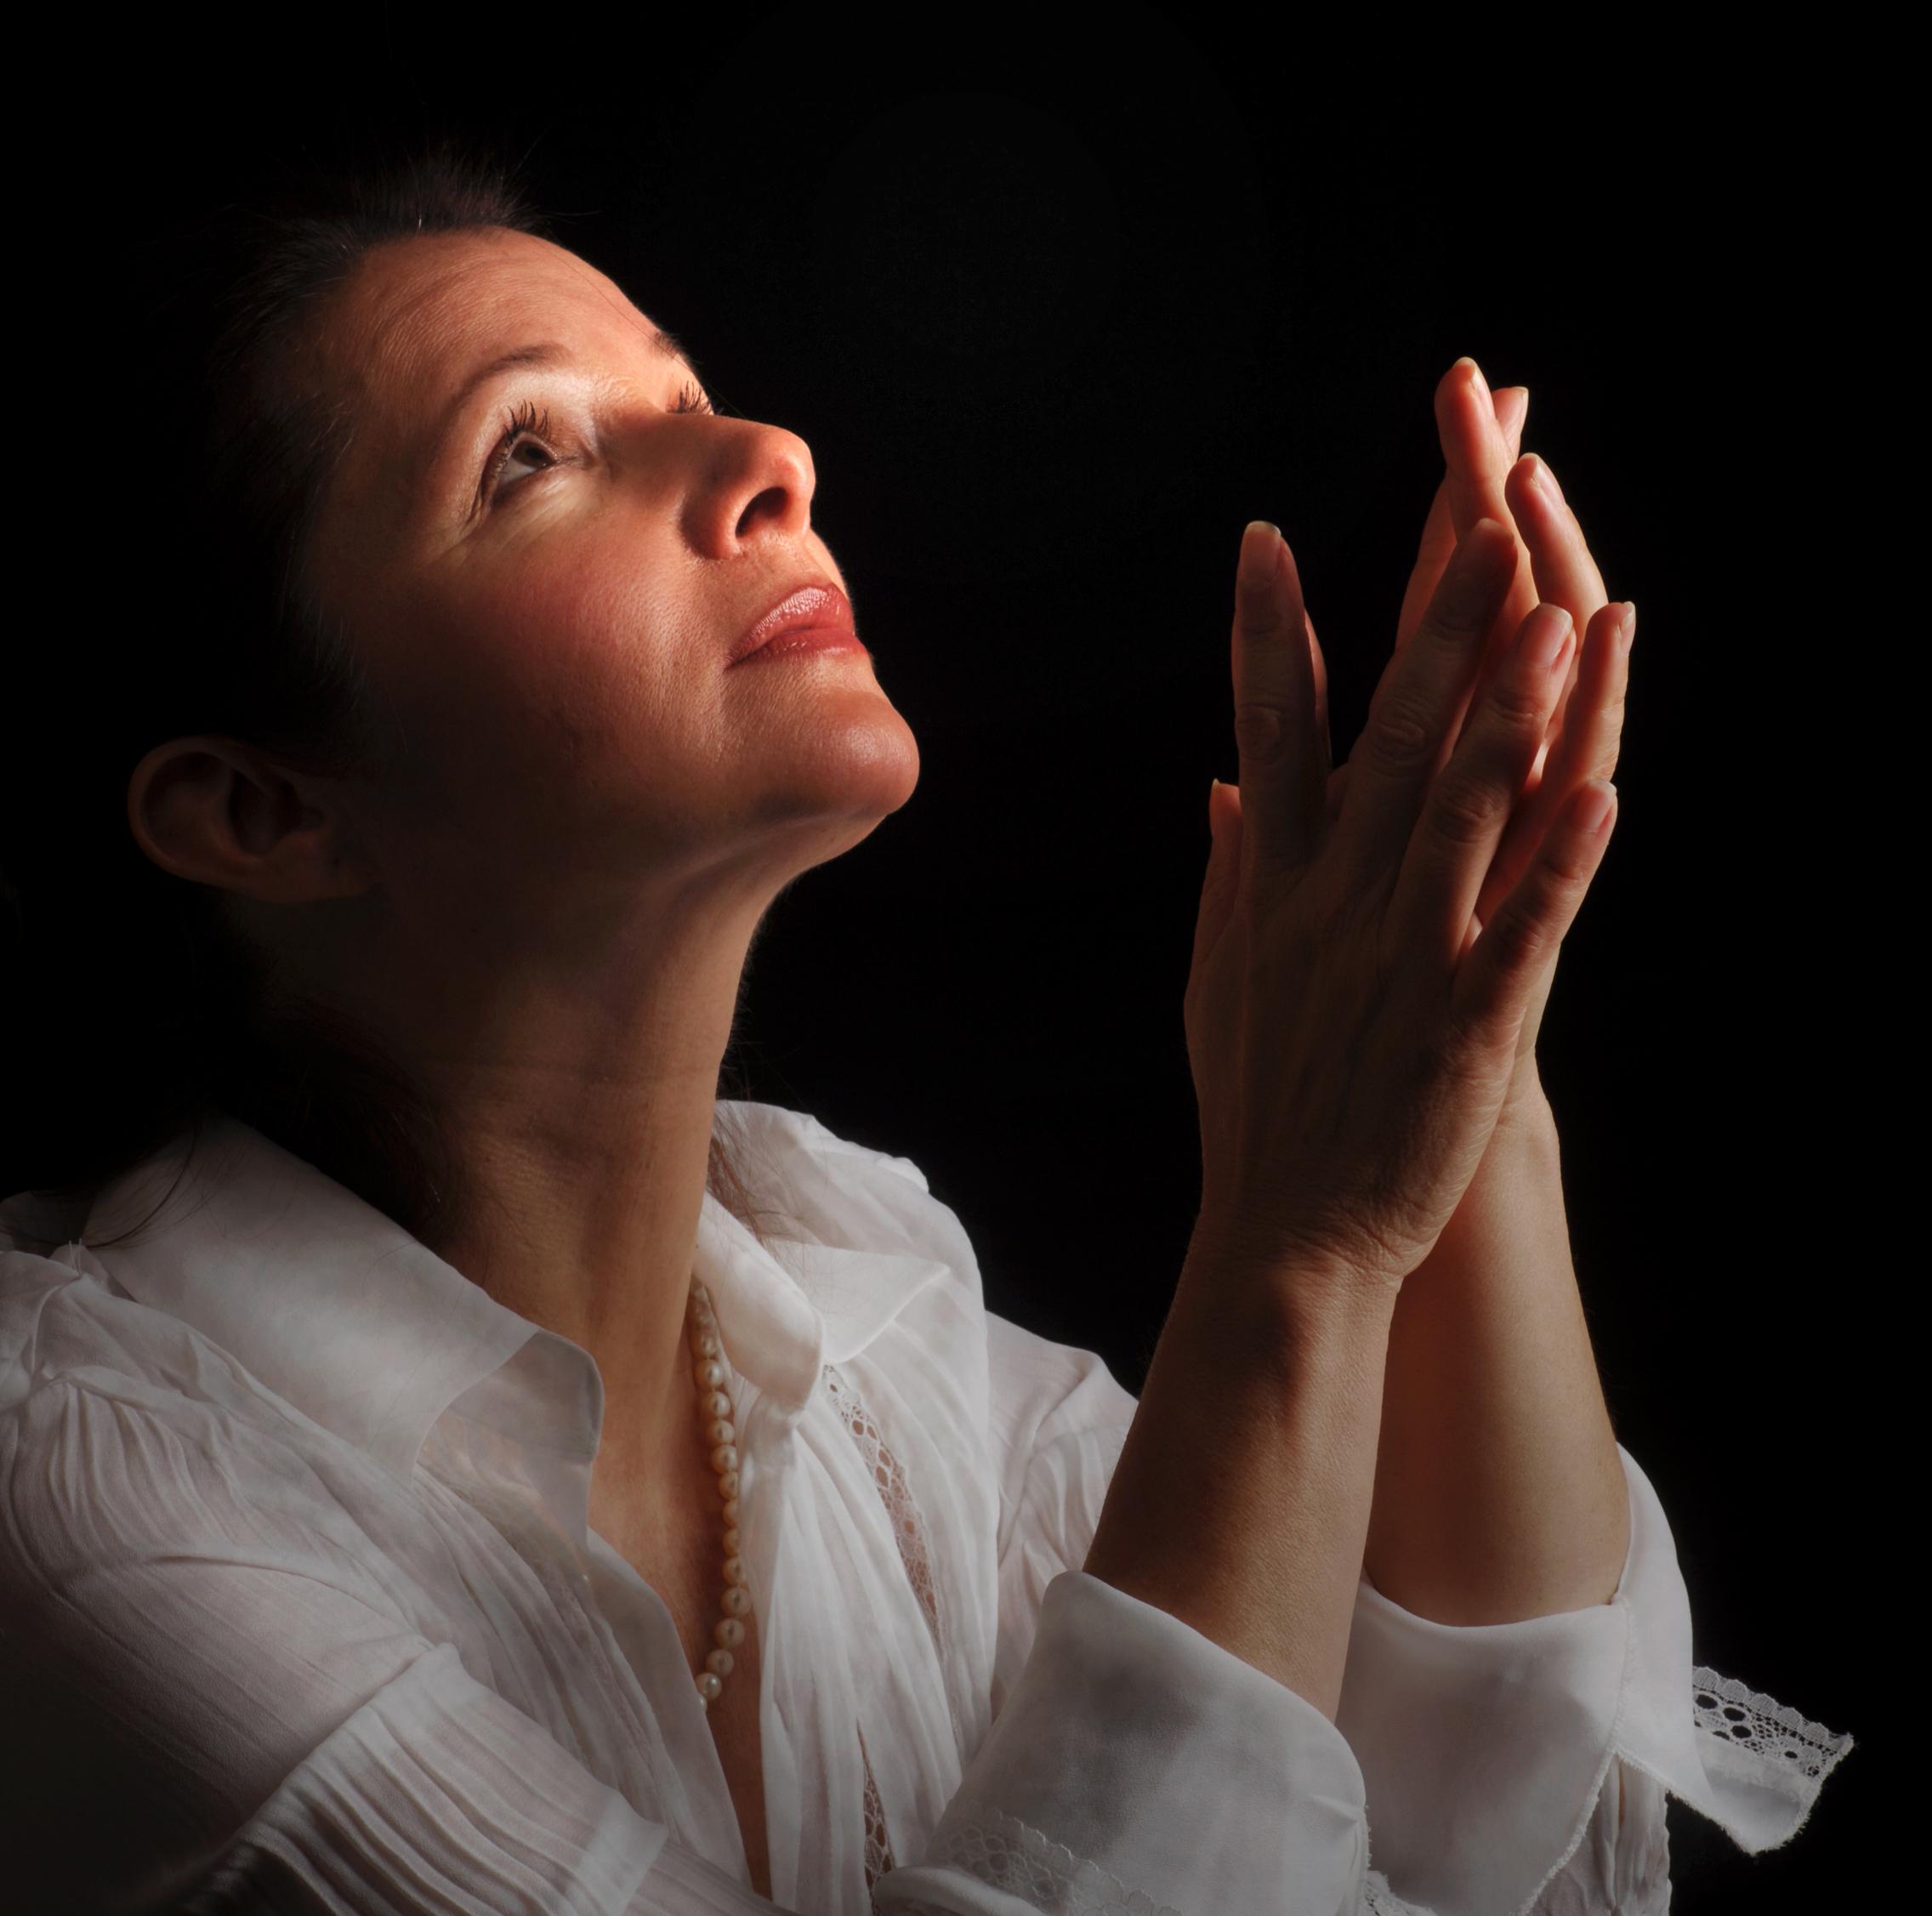 woman-praying1 bing.com images